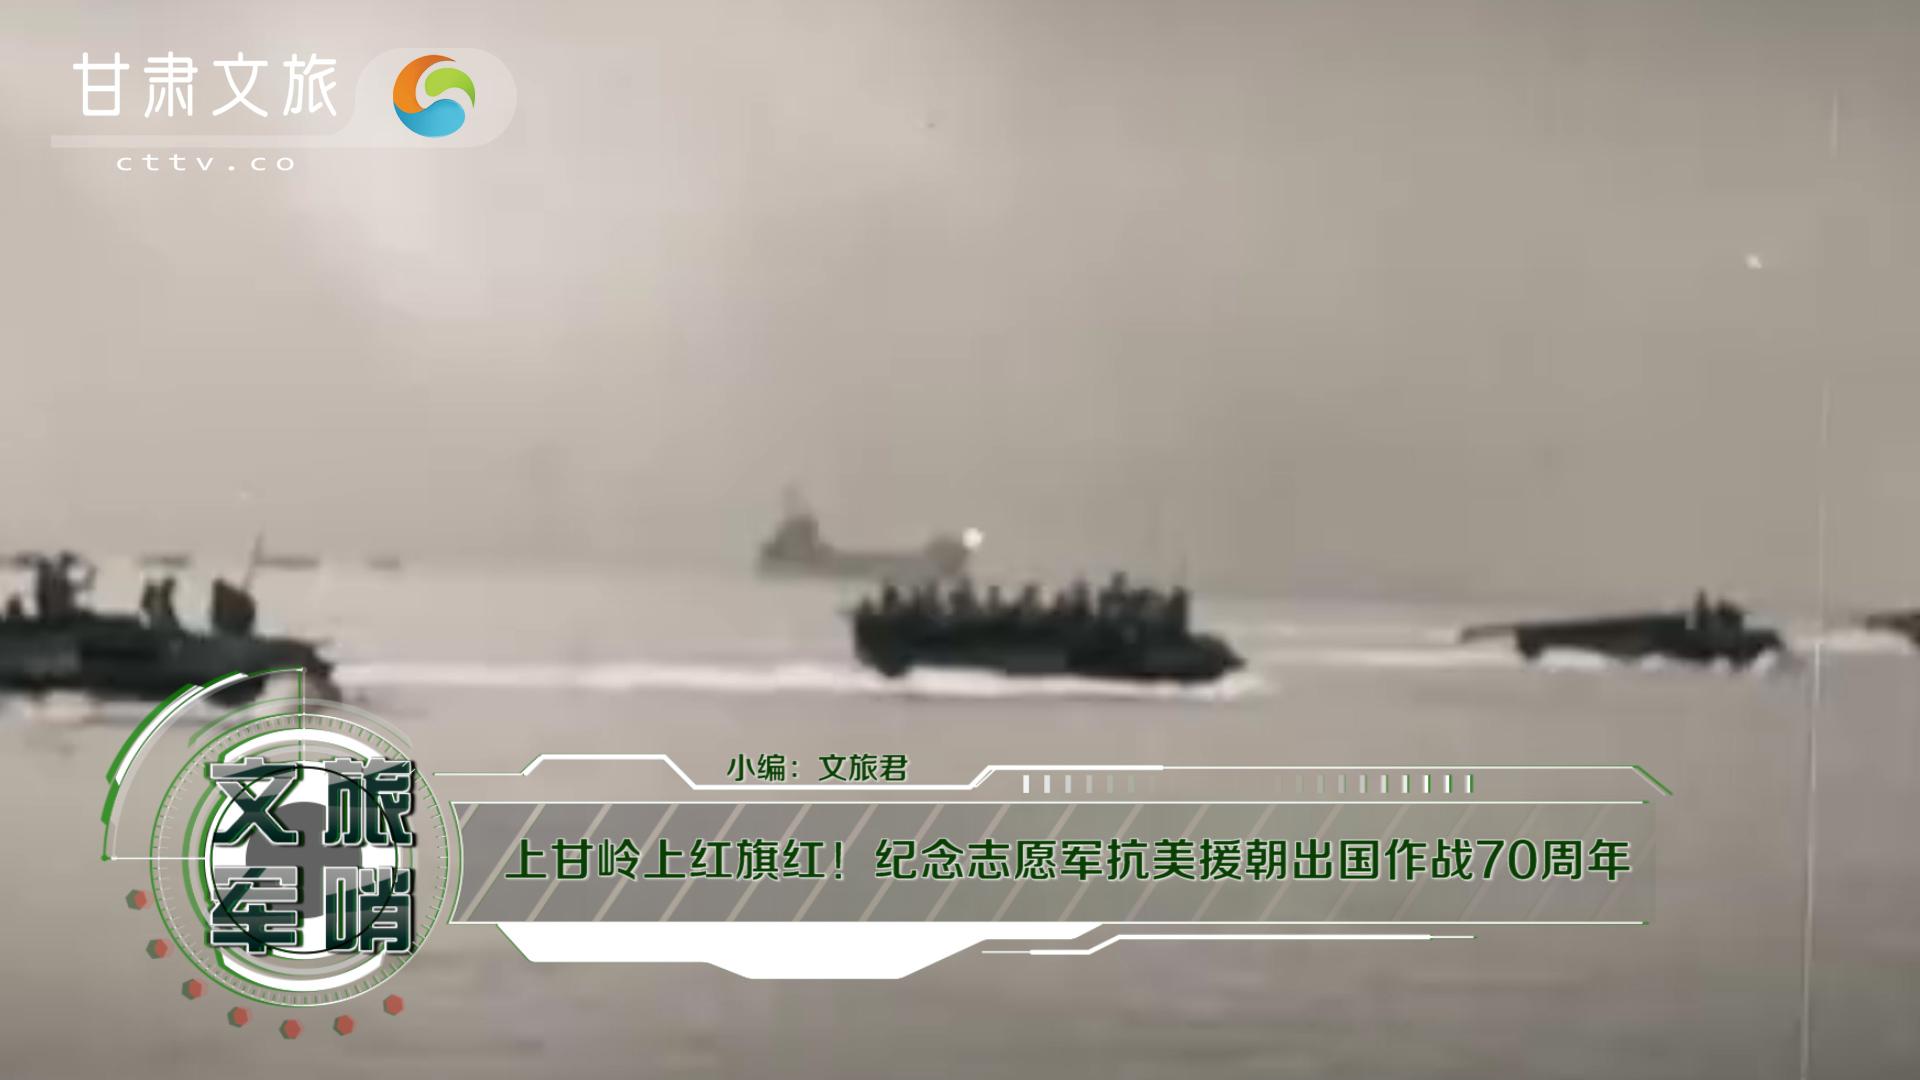 上甘岭上红旗红!纪念志愿军抗美援朝出国作战70周年